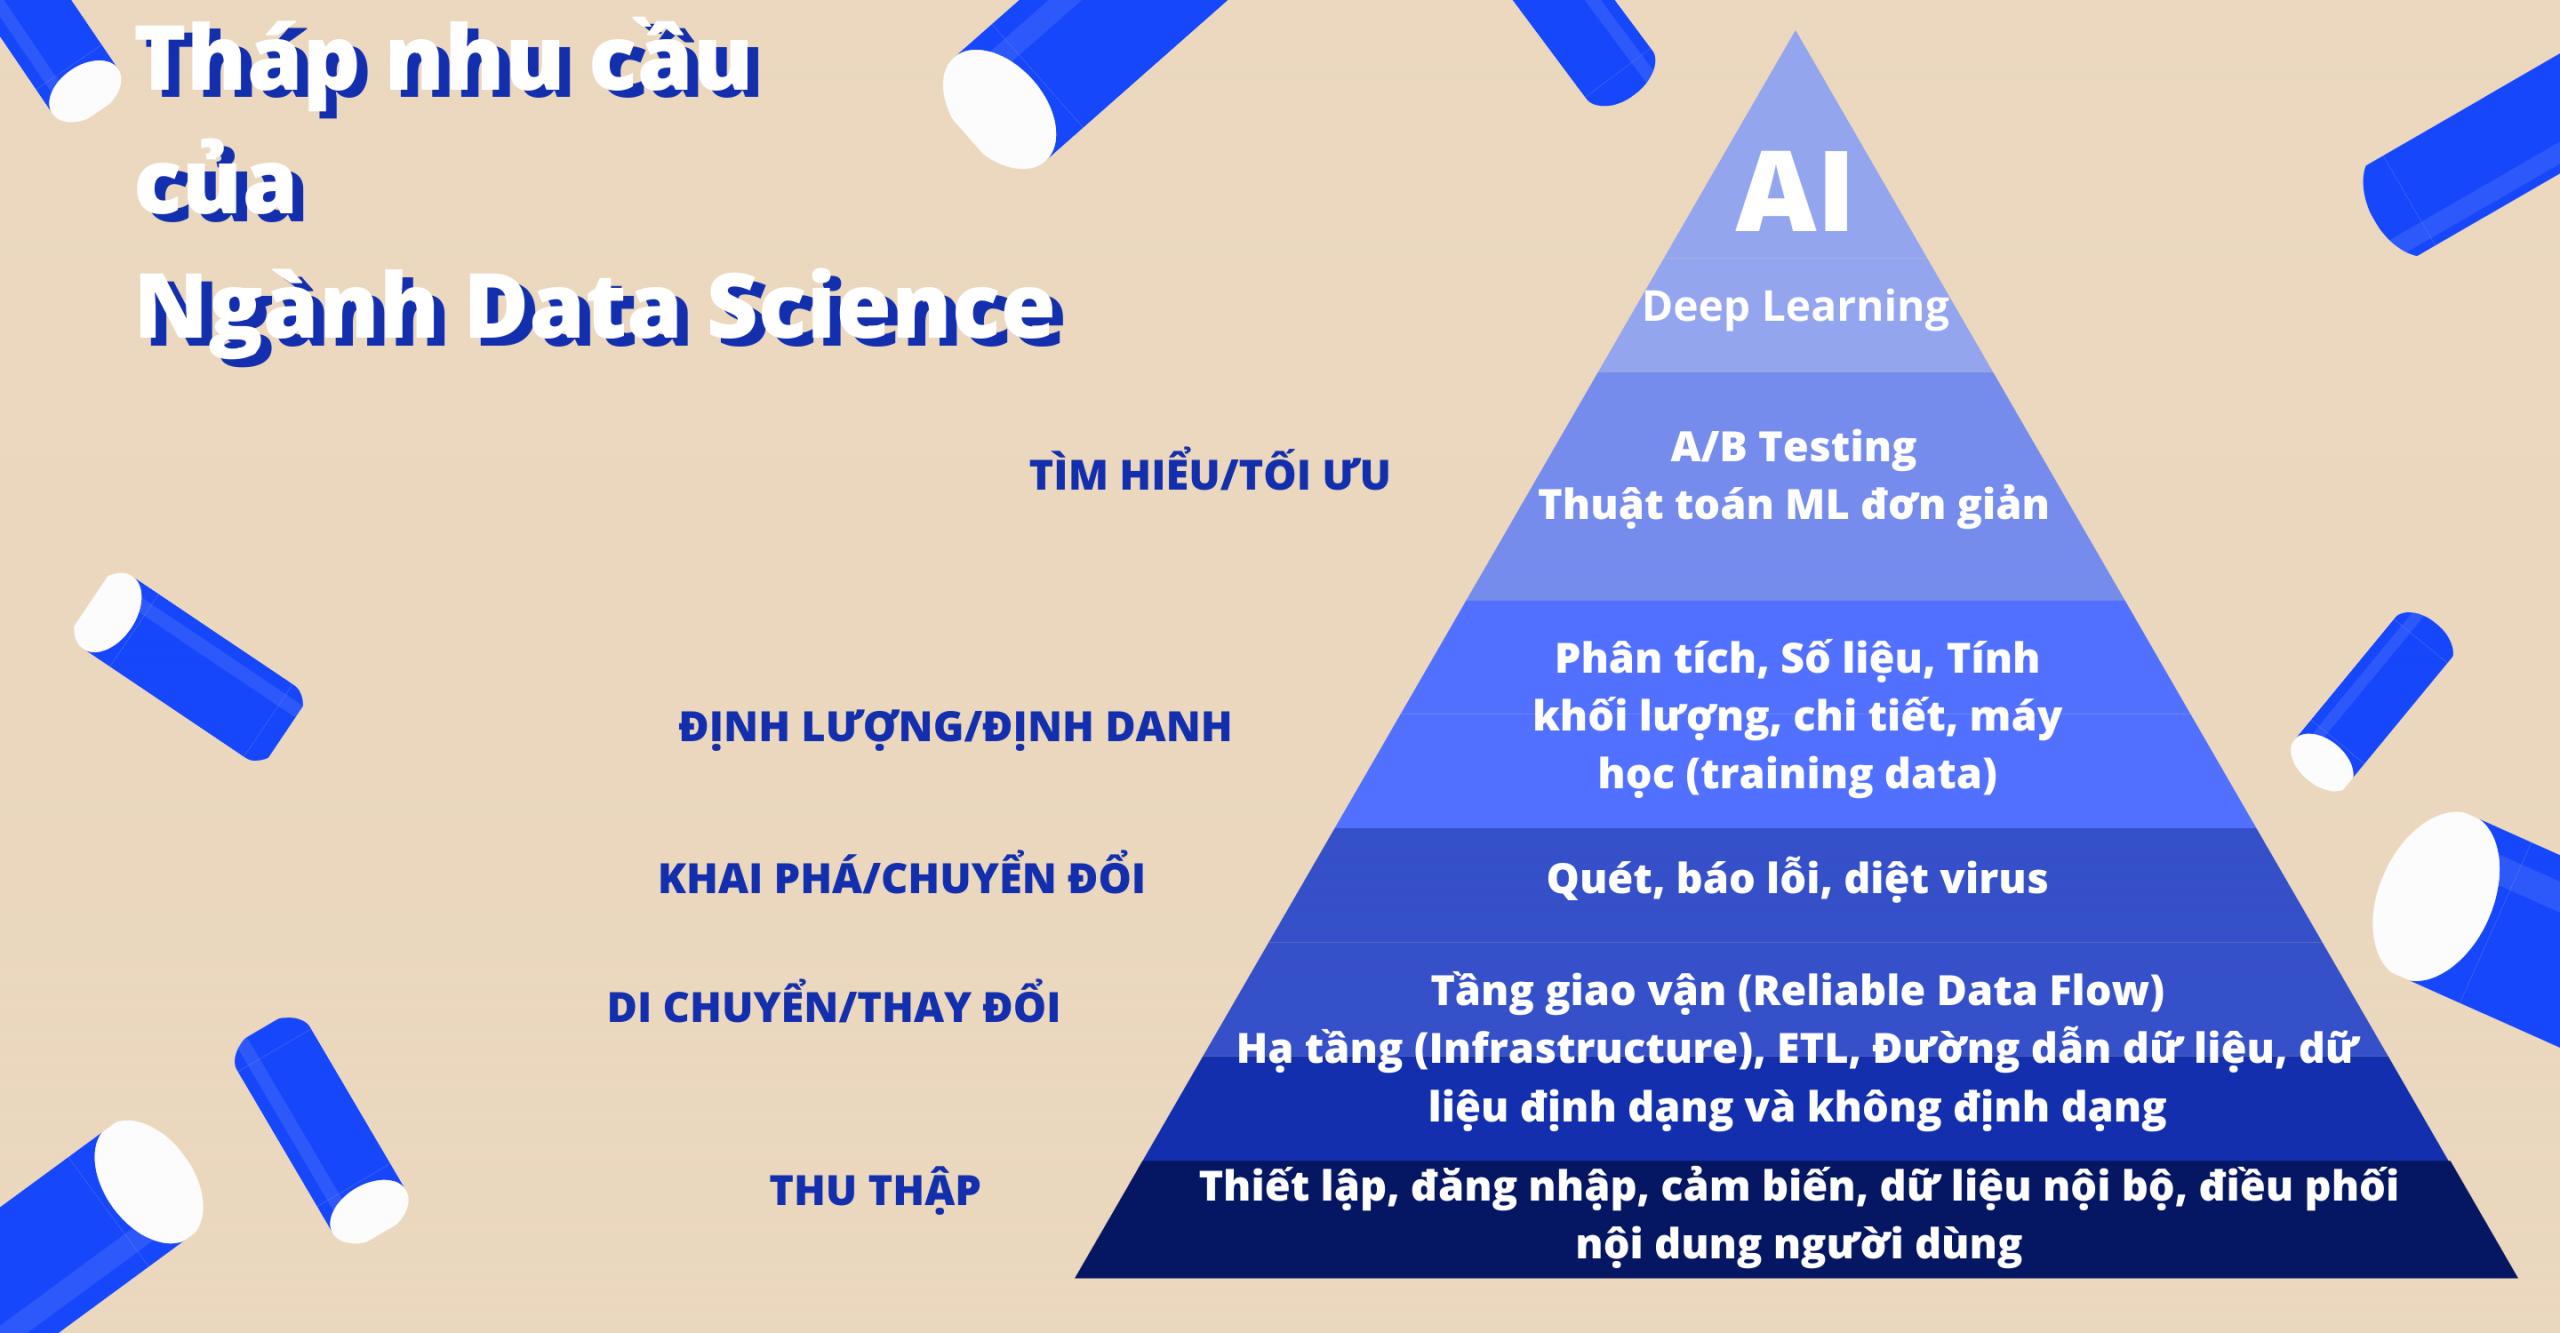 VienISB_Data-Science-va-AI-3